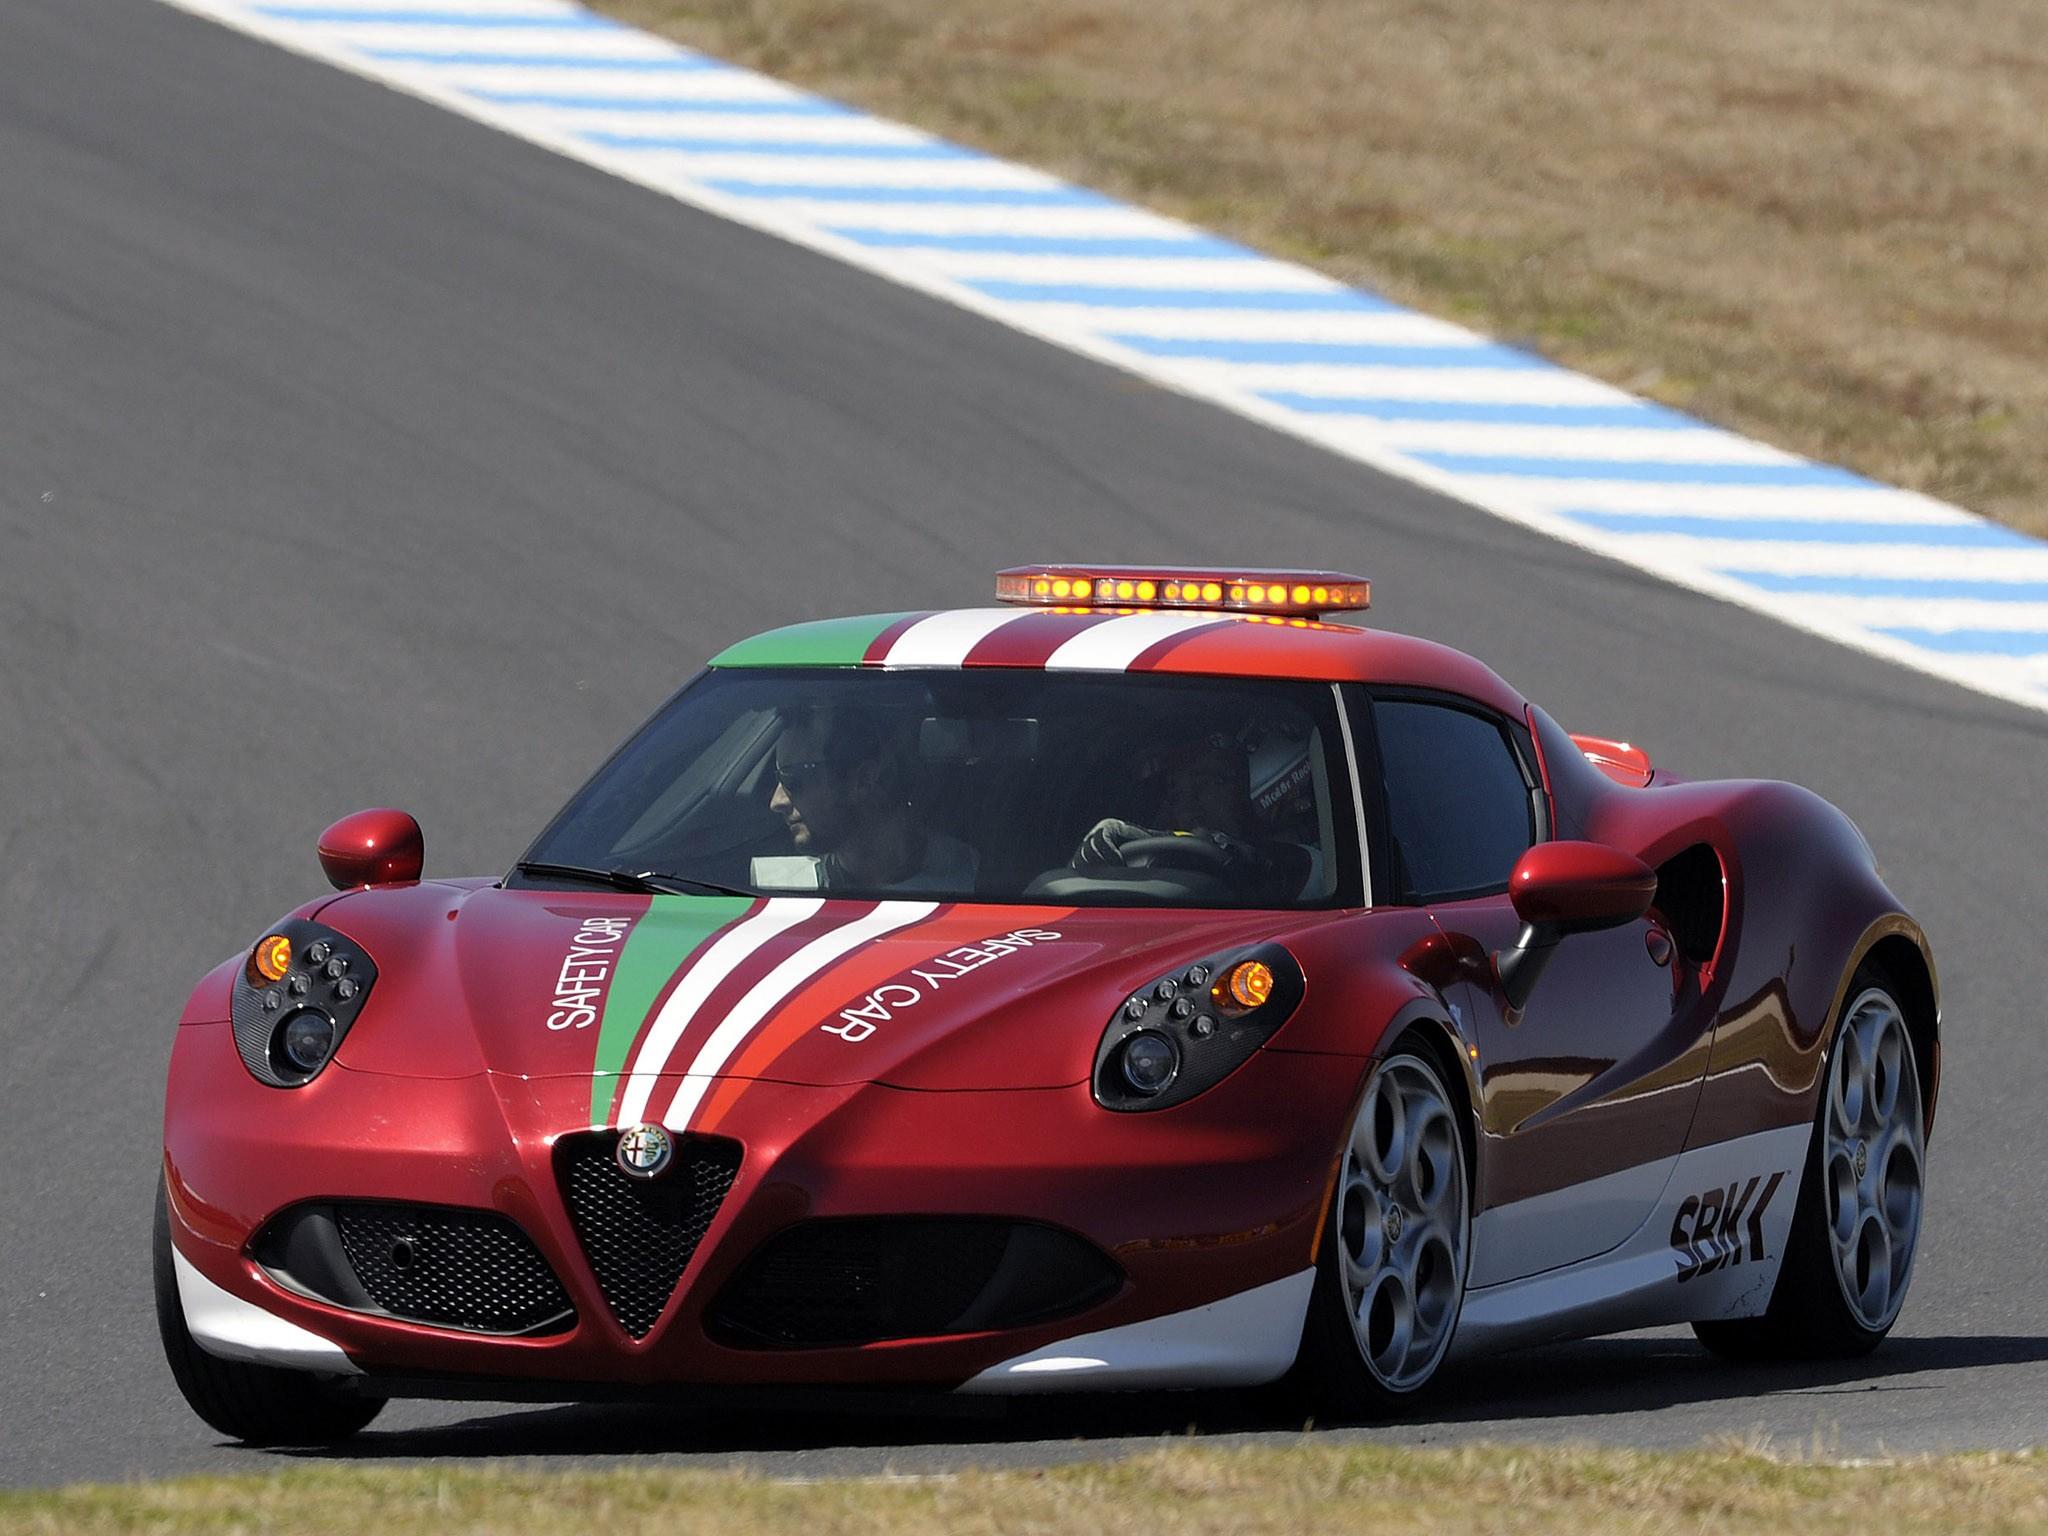 2014 Alfa Romeo 4c SBK Safety Car